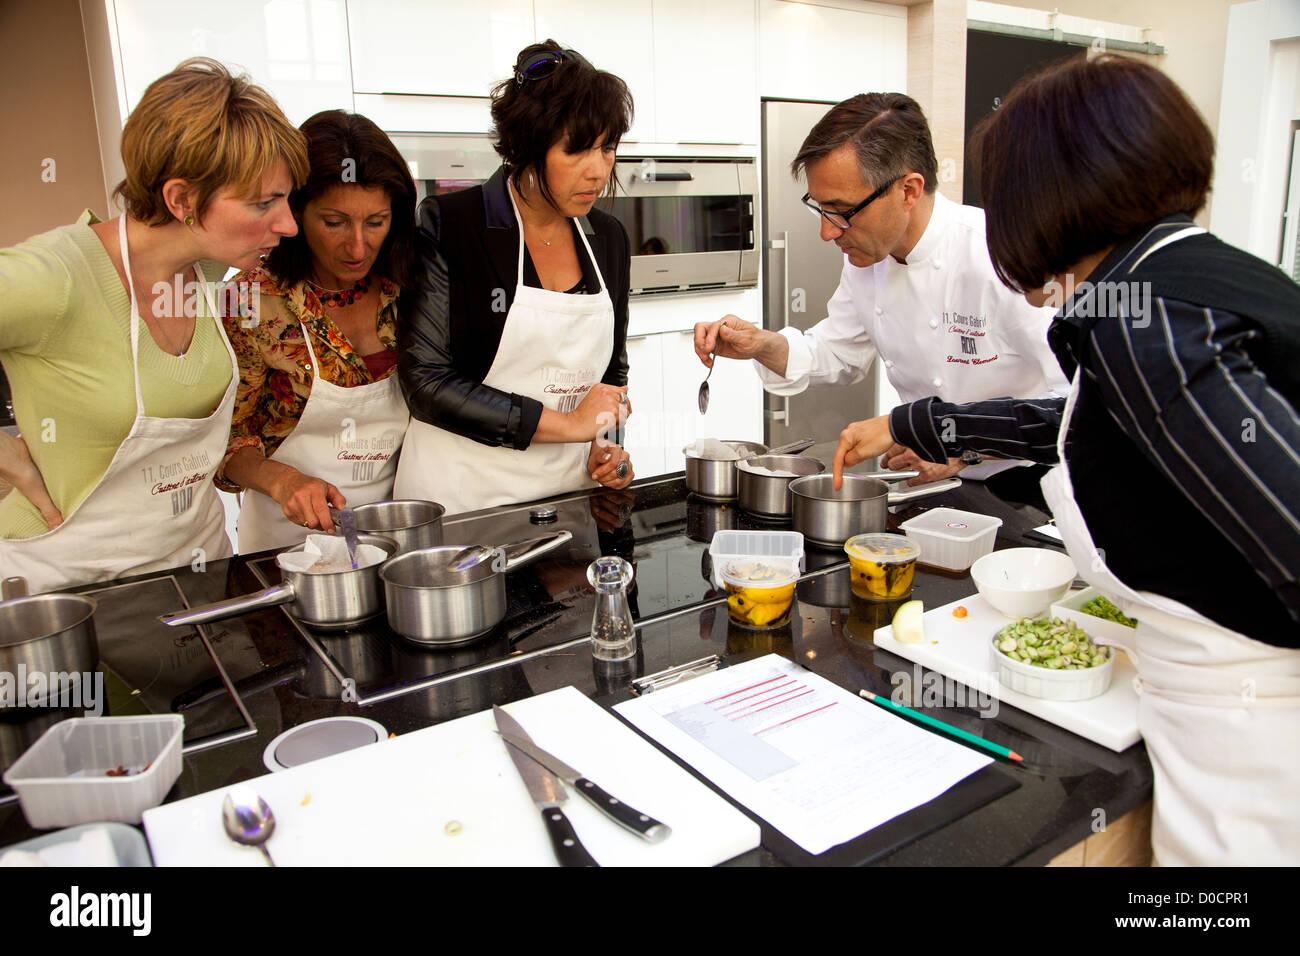 Laurent Clement Chef Donnant Une Classe A L Atelier De Cuisine 11